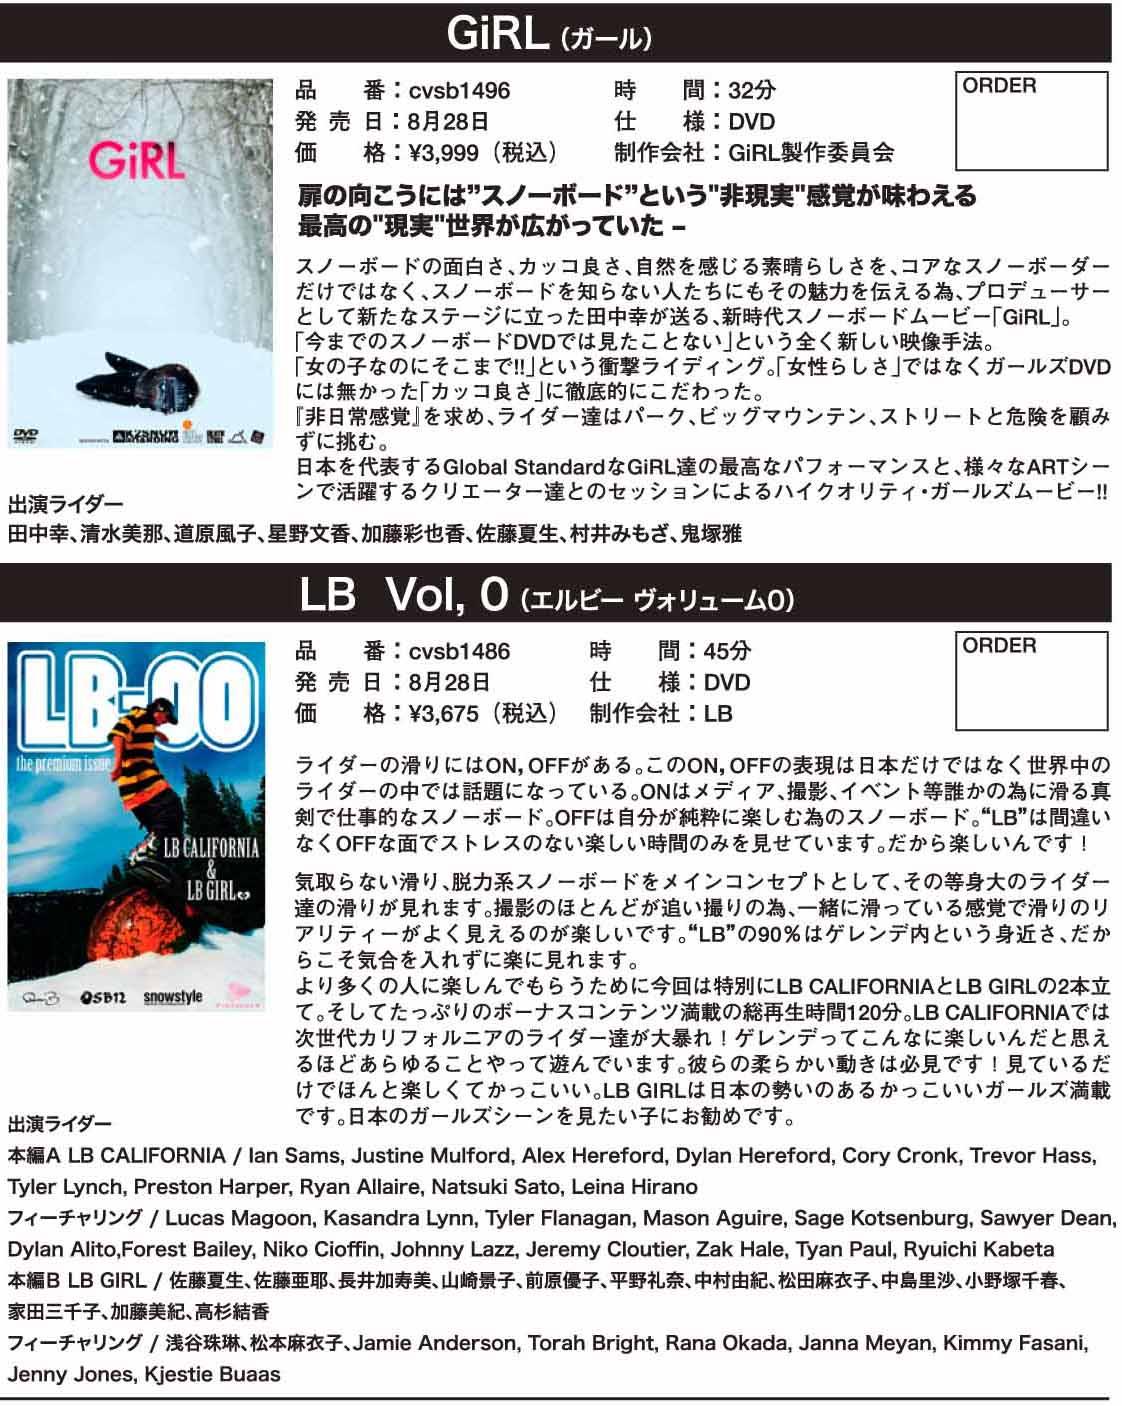 DVDが入荷し始めました。_f0229217_18425927.jpg